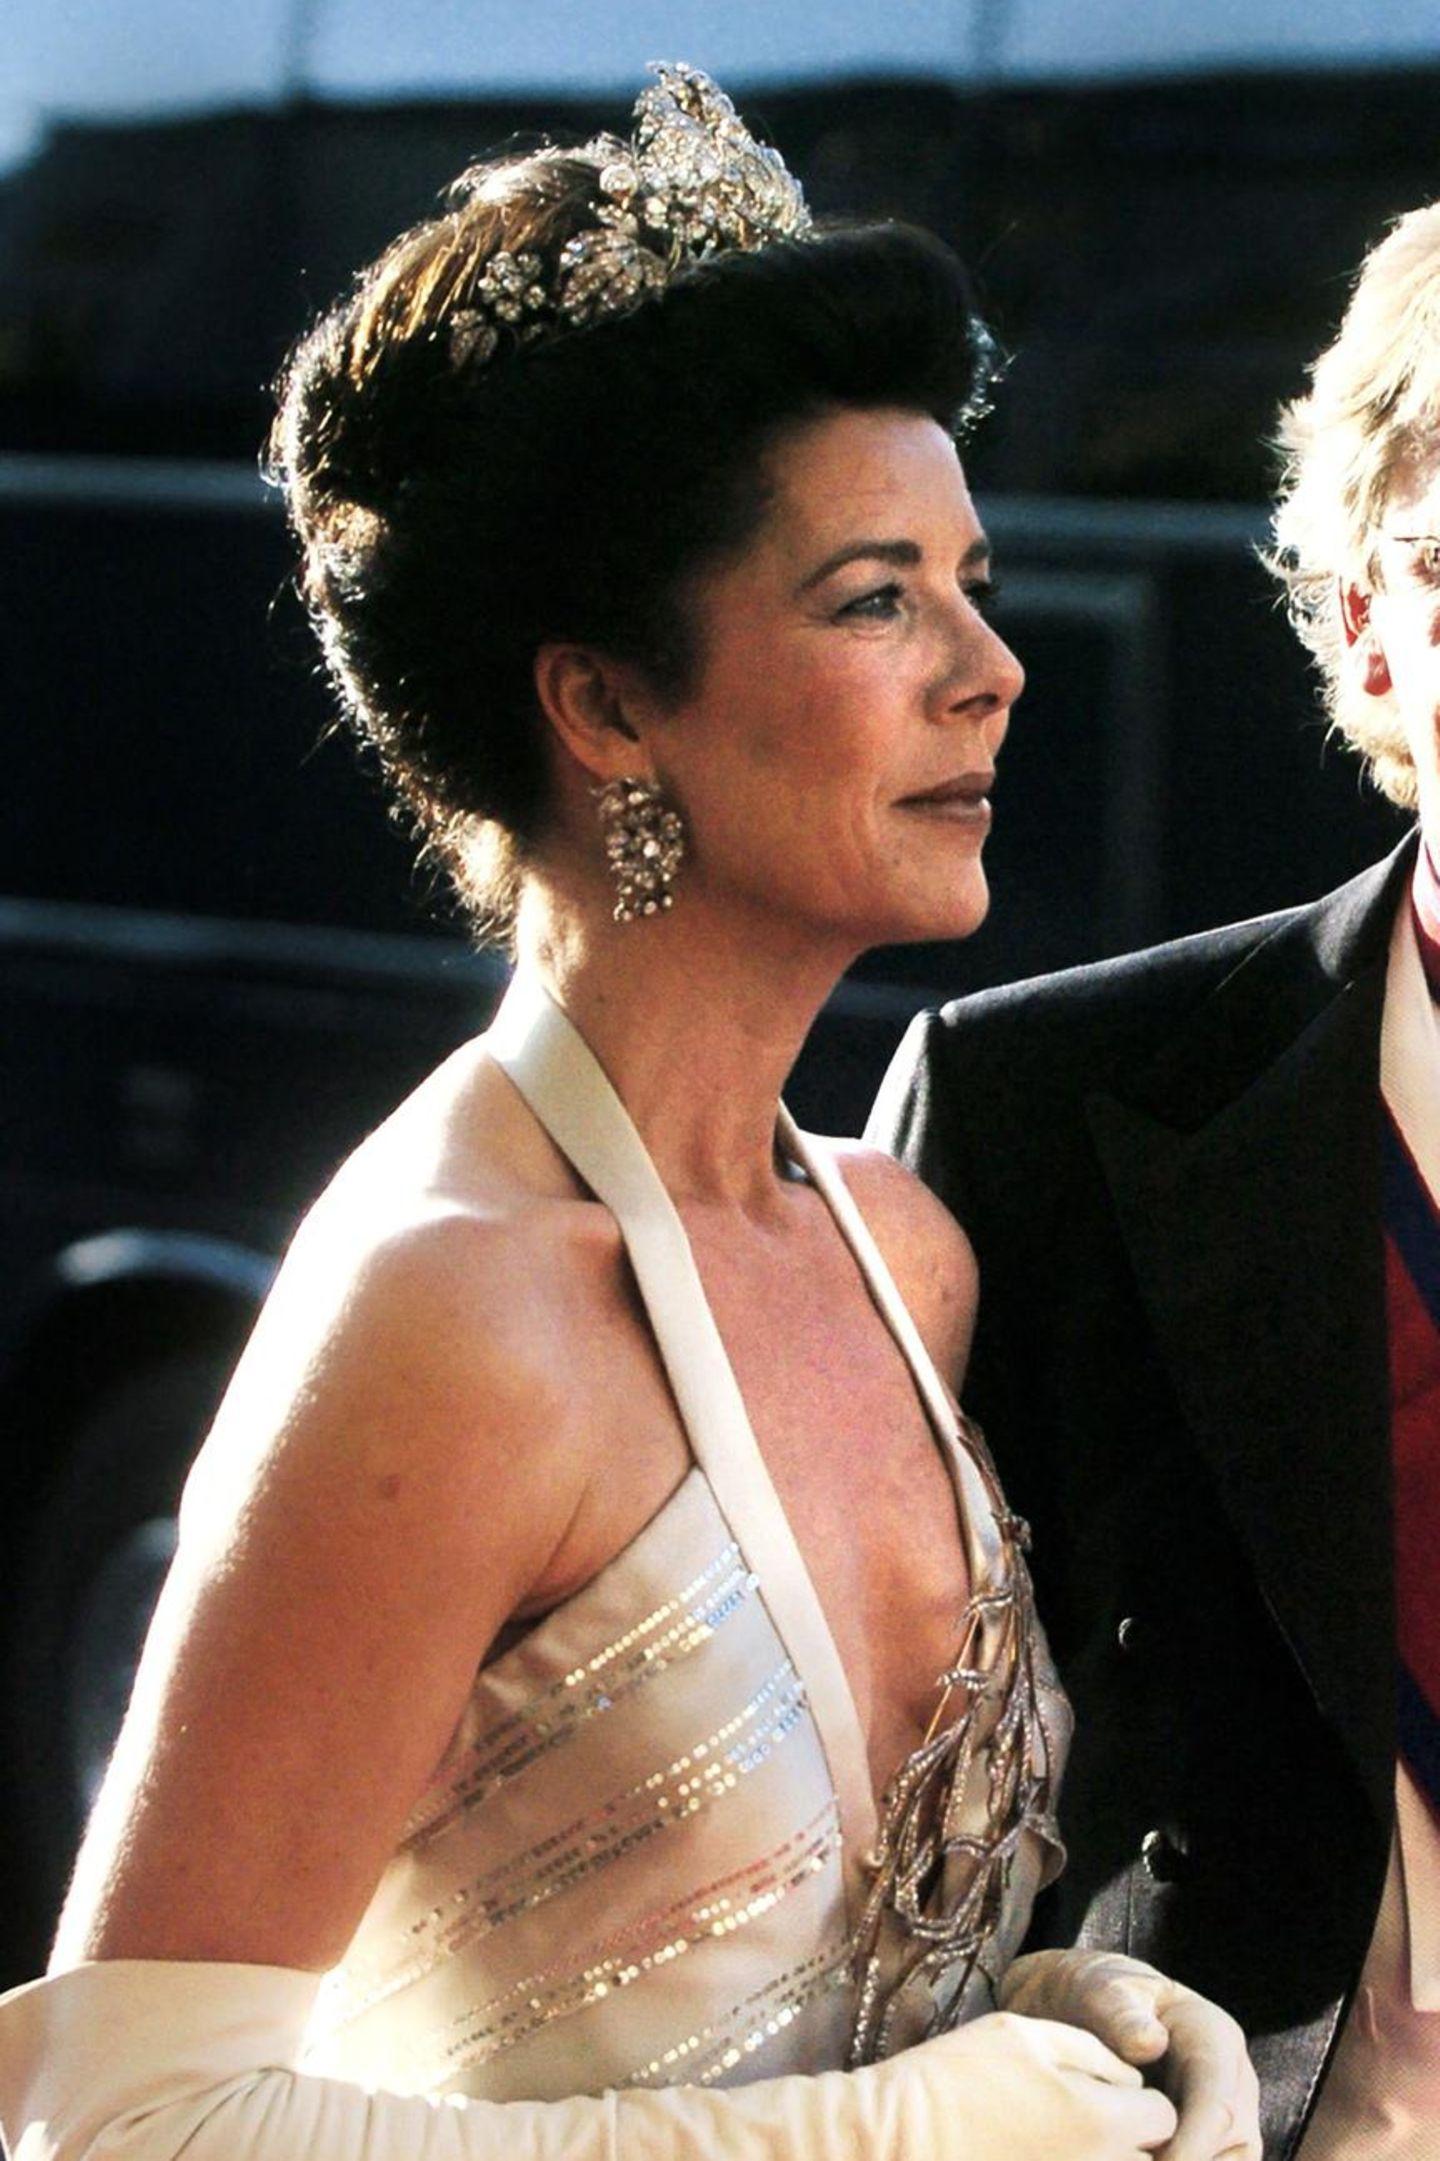 """... in 2004 Prinzessin Caroline damit auf einer Gala in Kopenhagen auftauchte. Nun war sie zwar nicht persönlich bei der Hochzeit ihres Ex-Stiefsohnes anwesend, doch scheint das Weiterreichen des Diadems wie eine herzliche Geste, die """" Willkommen in der Familie"""" bedeutet."""